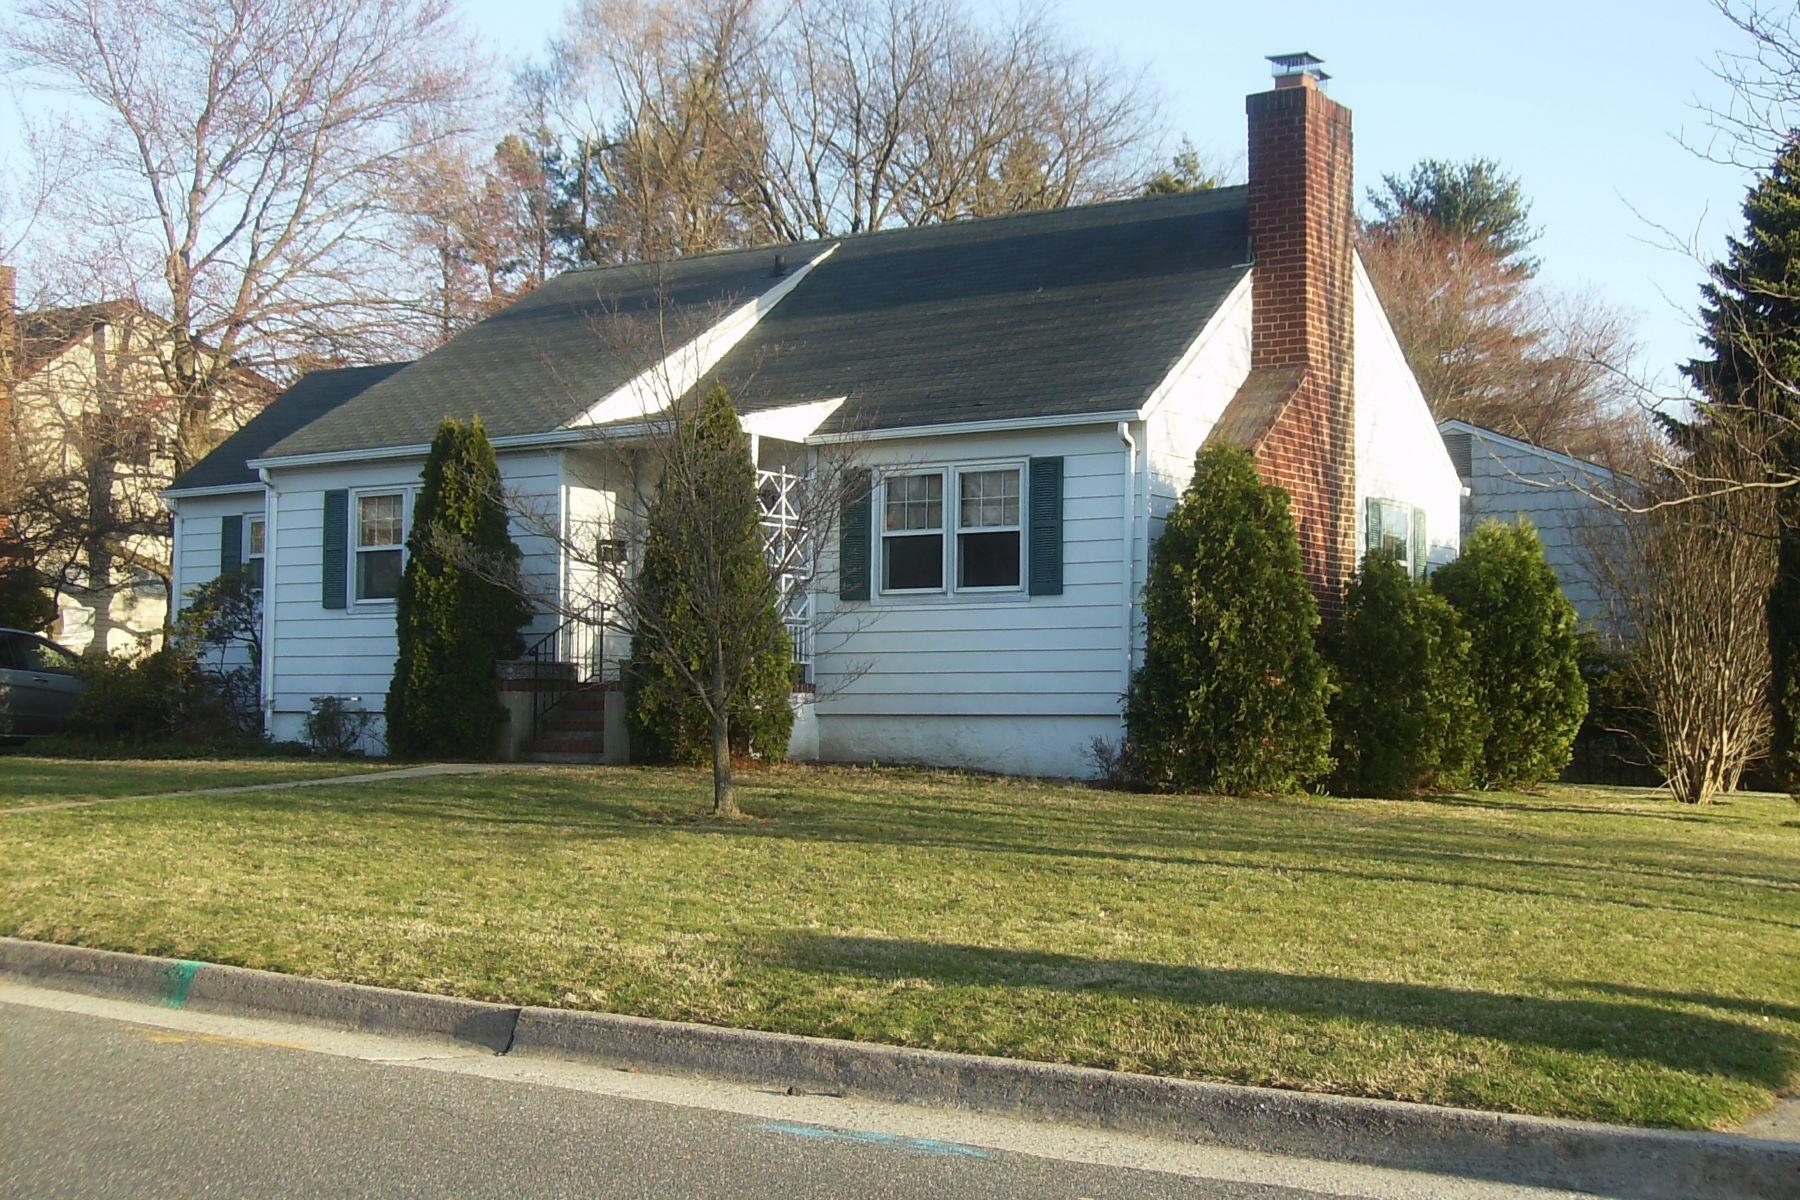 Частный односемейный дом для того Продажа на 8 Rockwood Ave , Port Washington, NY 11050 8 Rockwood Ave, Port Washington, Нью-Йорк, 11050 Соединенные Штаты